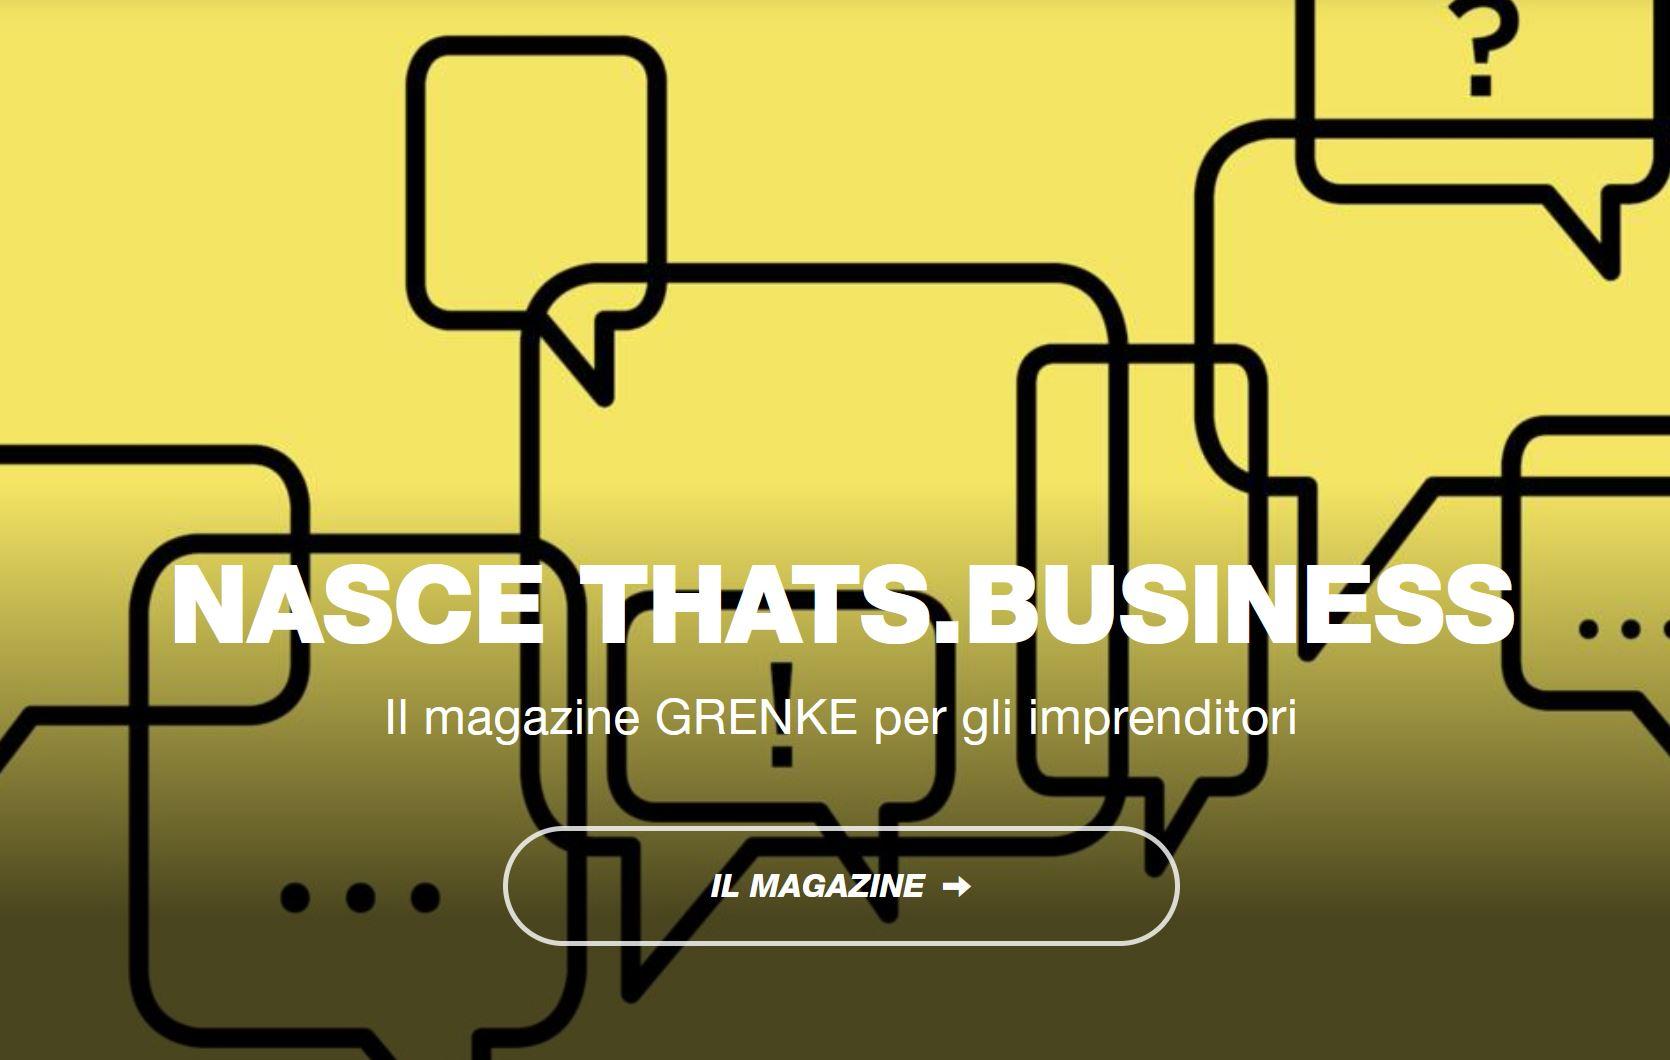 Il nuovo magazine digitale che parla alle imprese: nasce thats.business